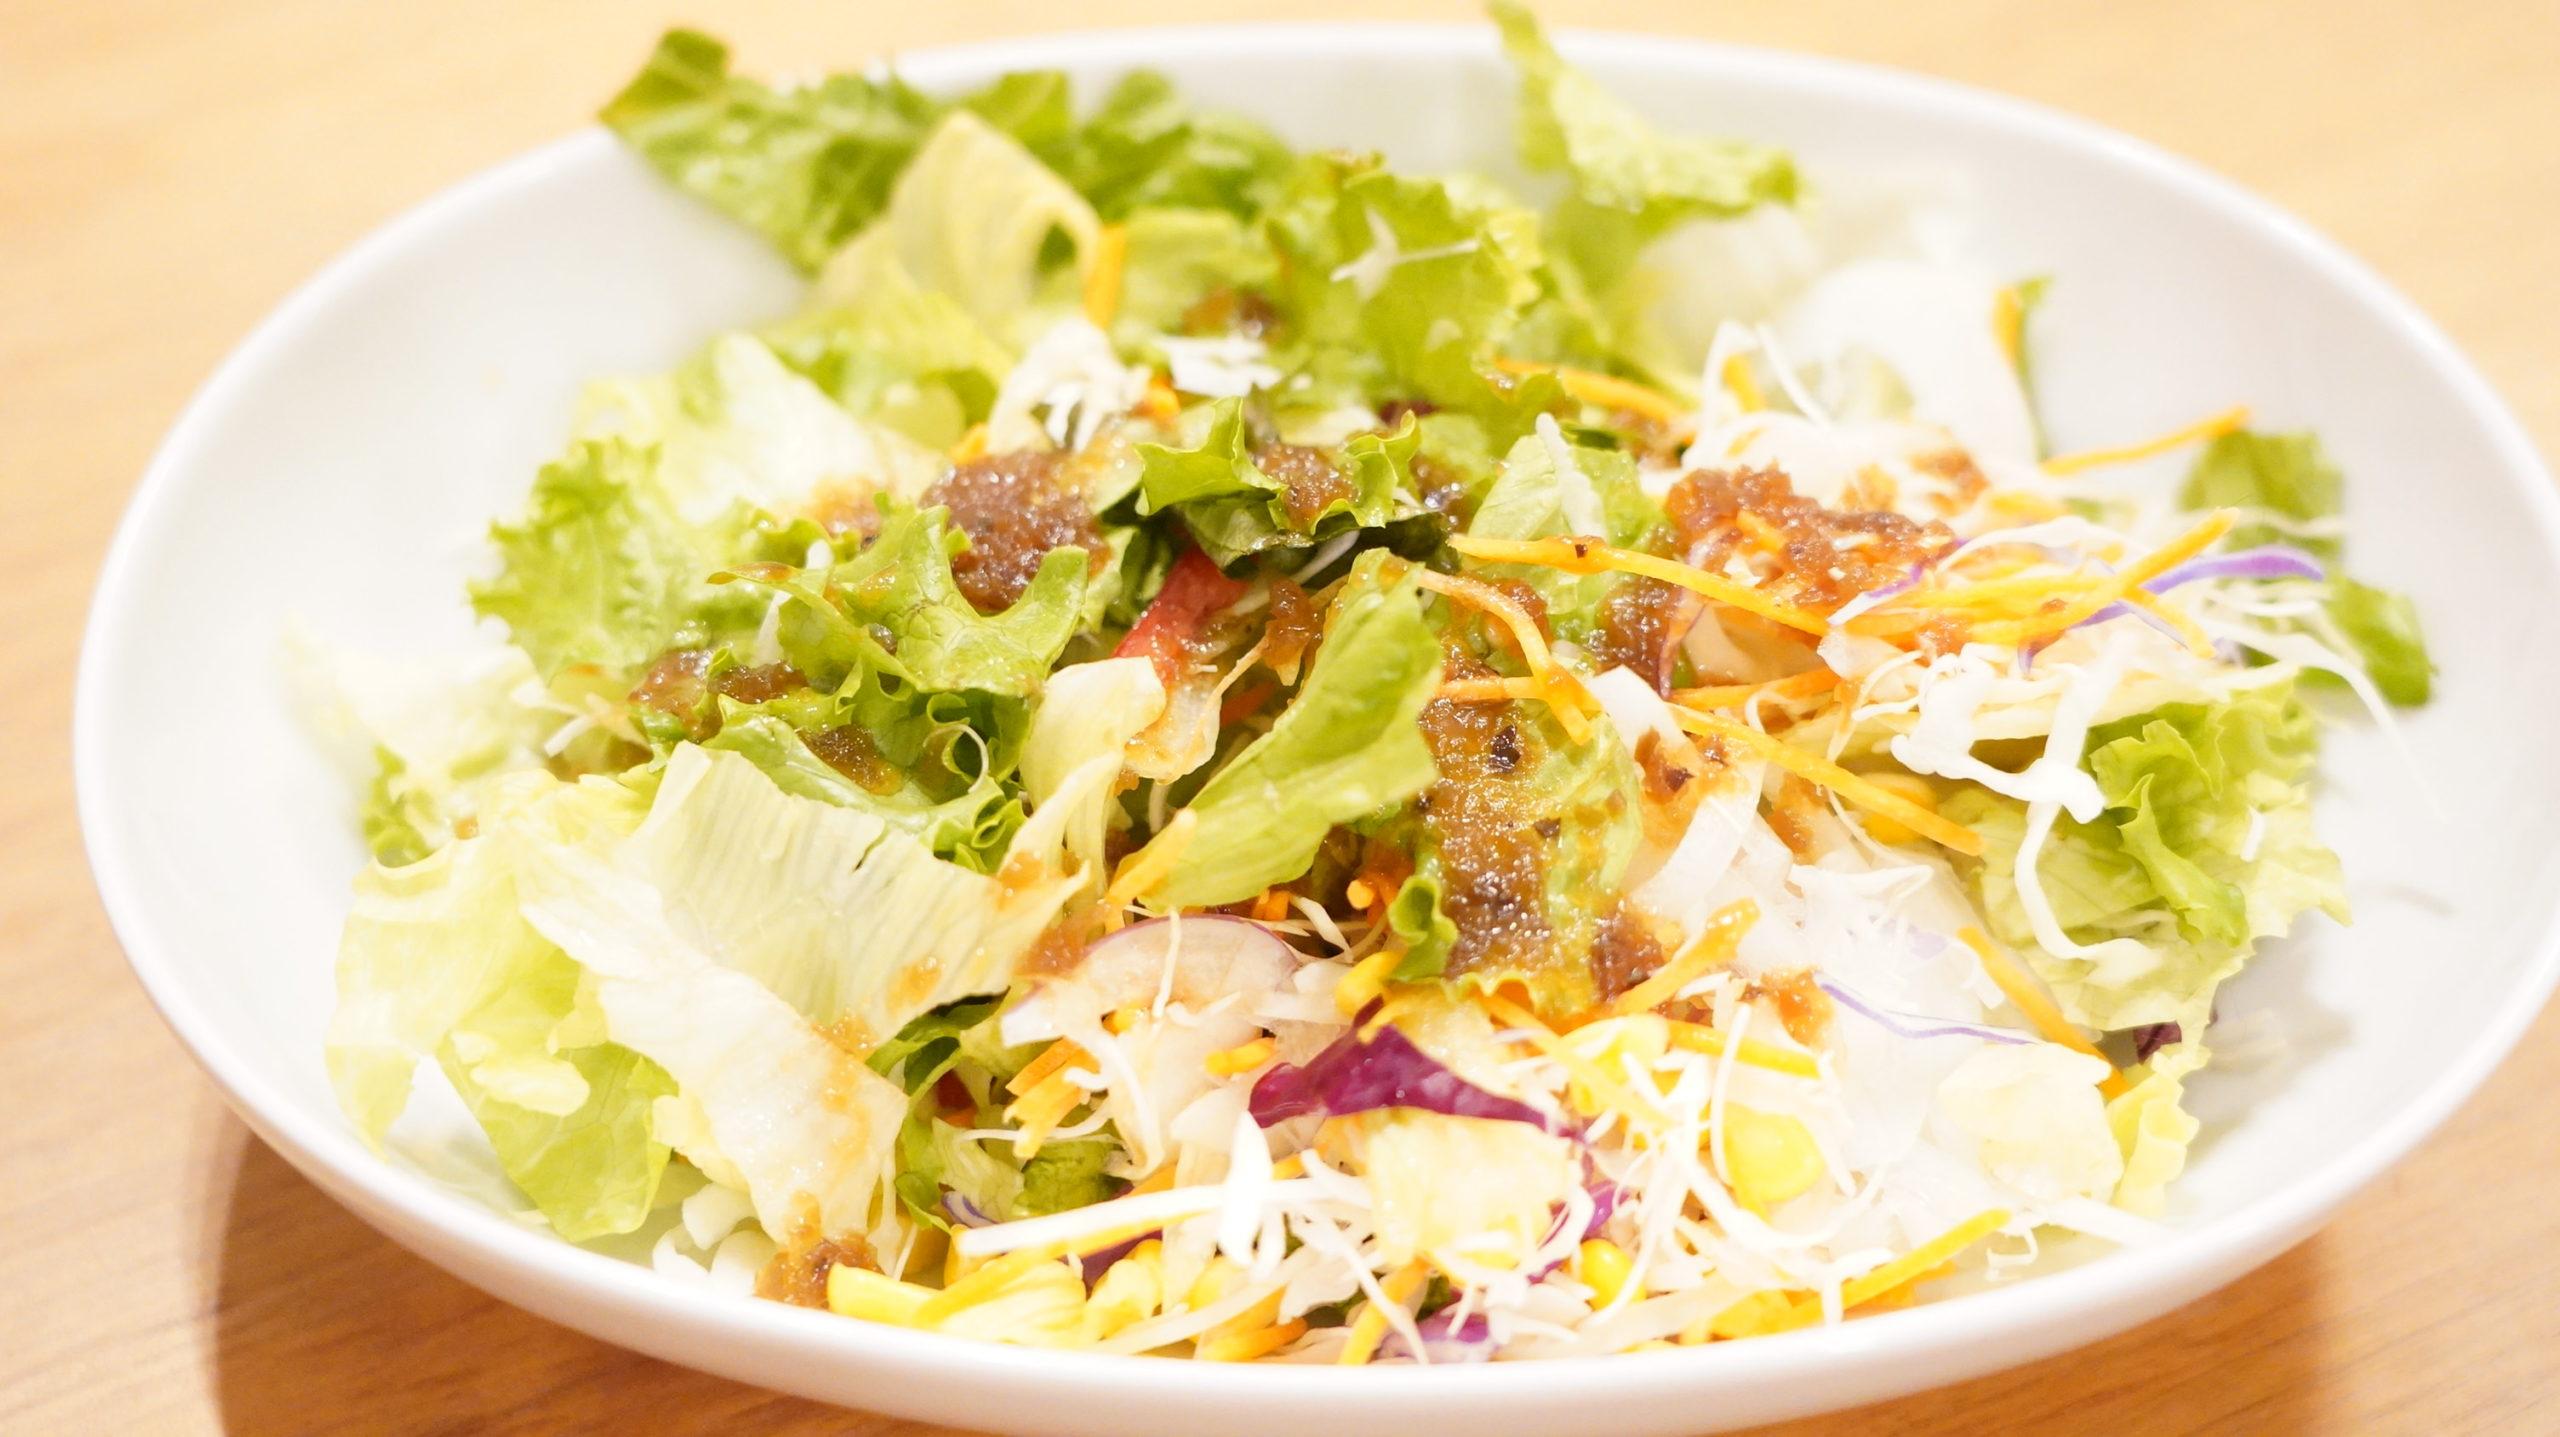 生協の宅配「おうちコープ」の野菜たっぷり和風ドレッシングをかけたサラダ